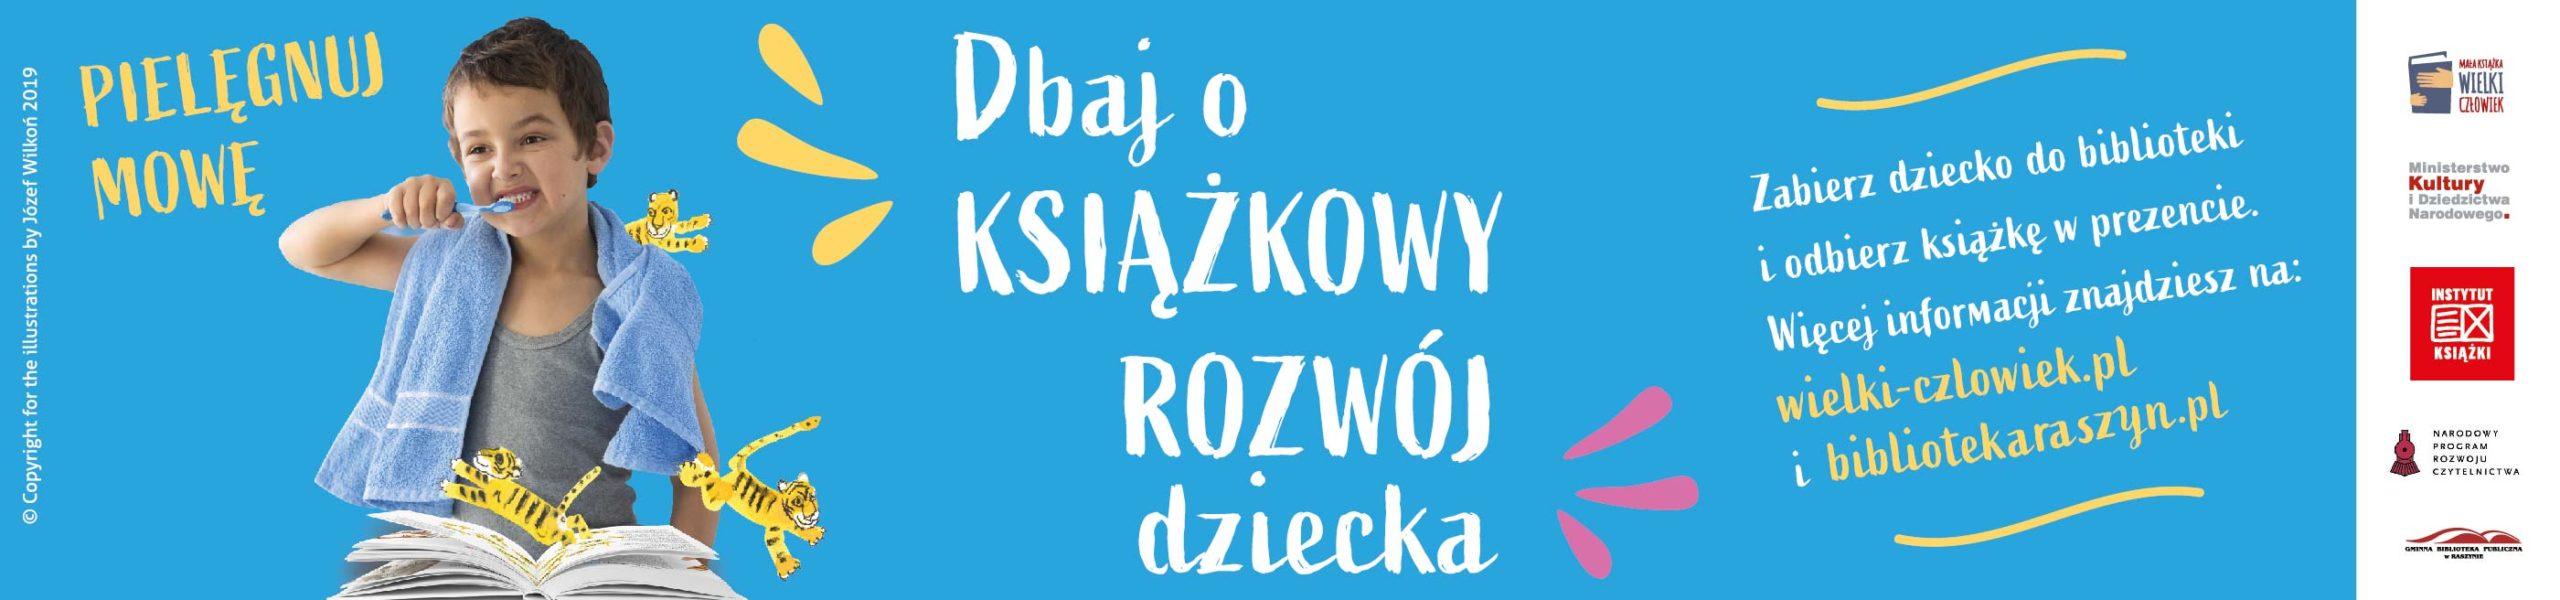 mala-ksiazka-baner